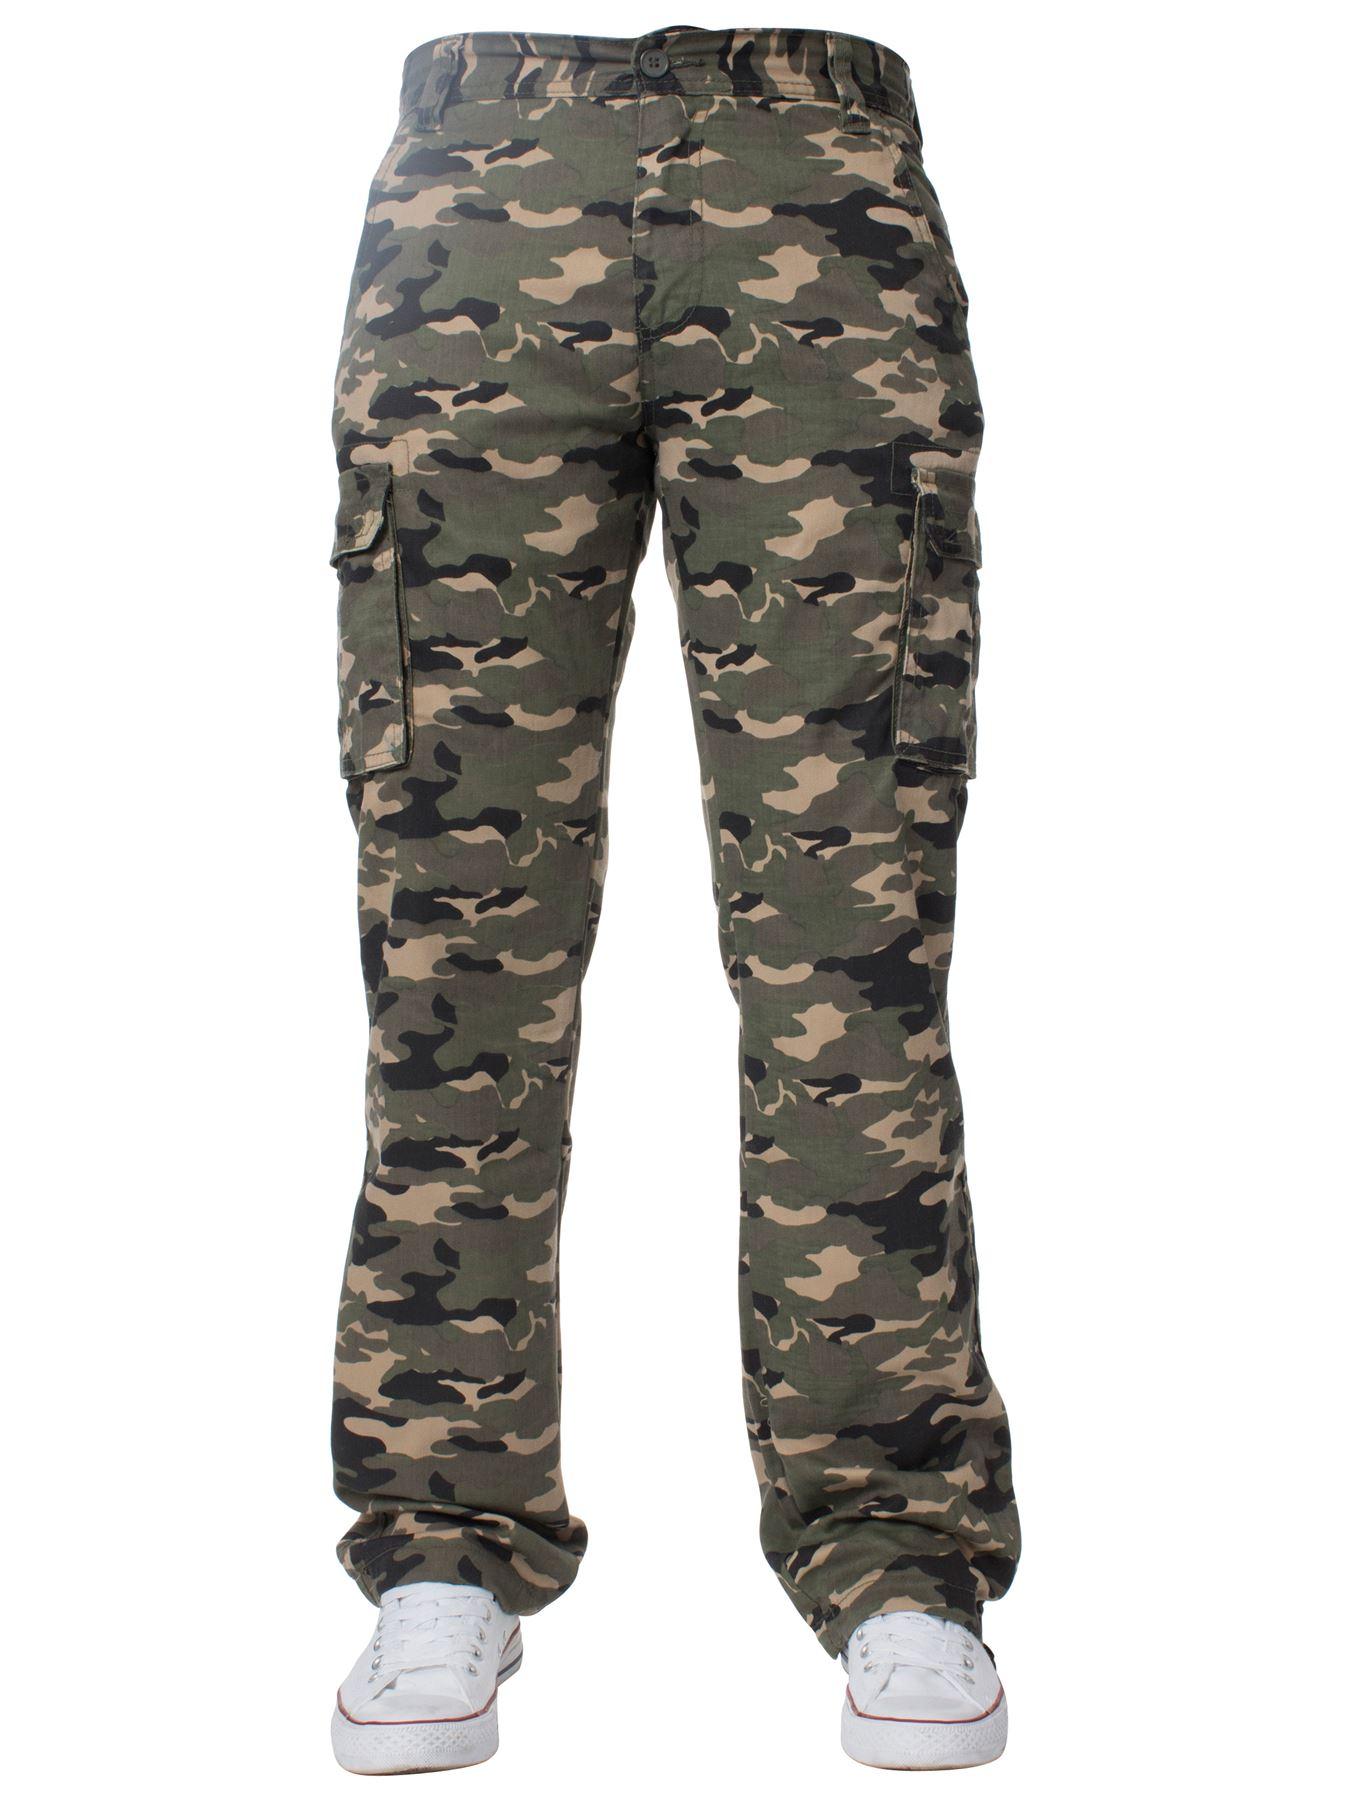 Kruze-Uomo-Militare-Pantaloni-Camouflage-Cargo-Mimetico-Casual-Lavoro miniatura 18